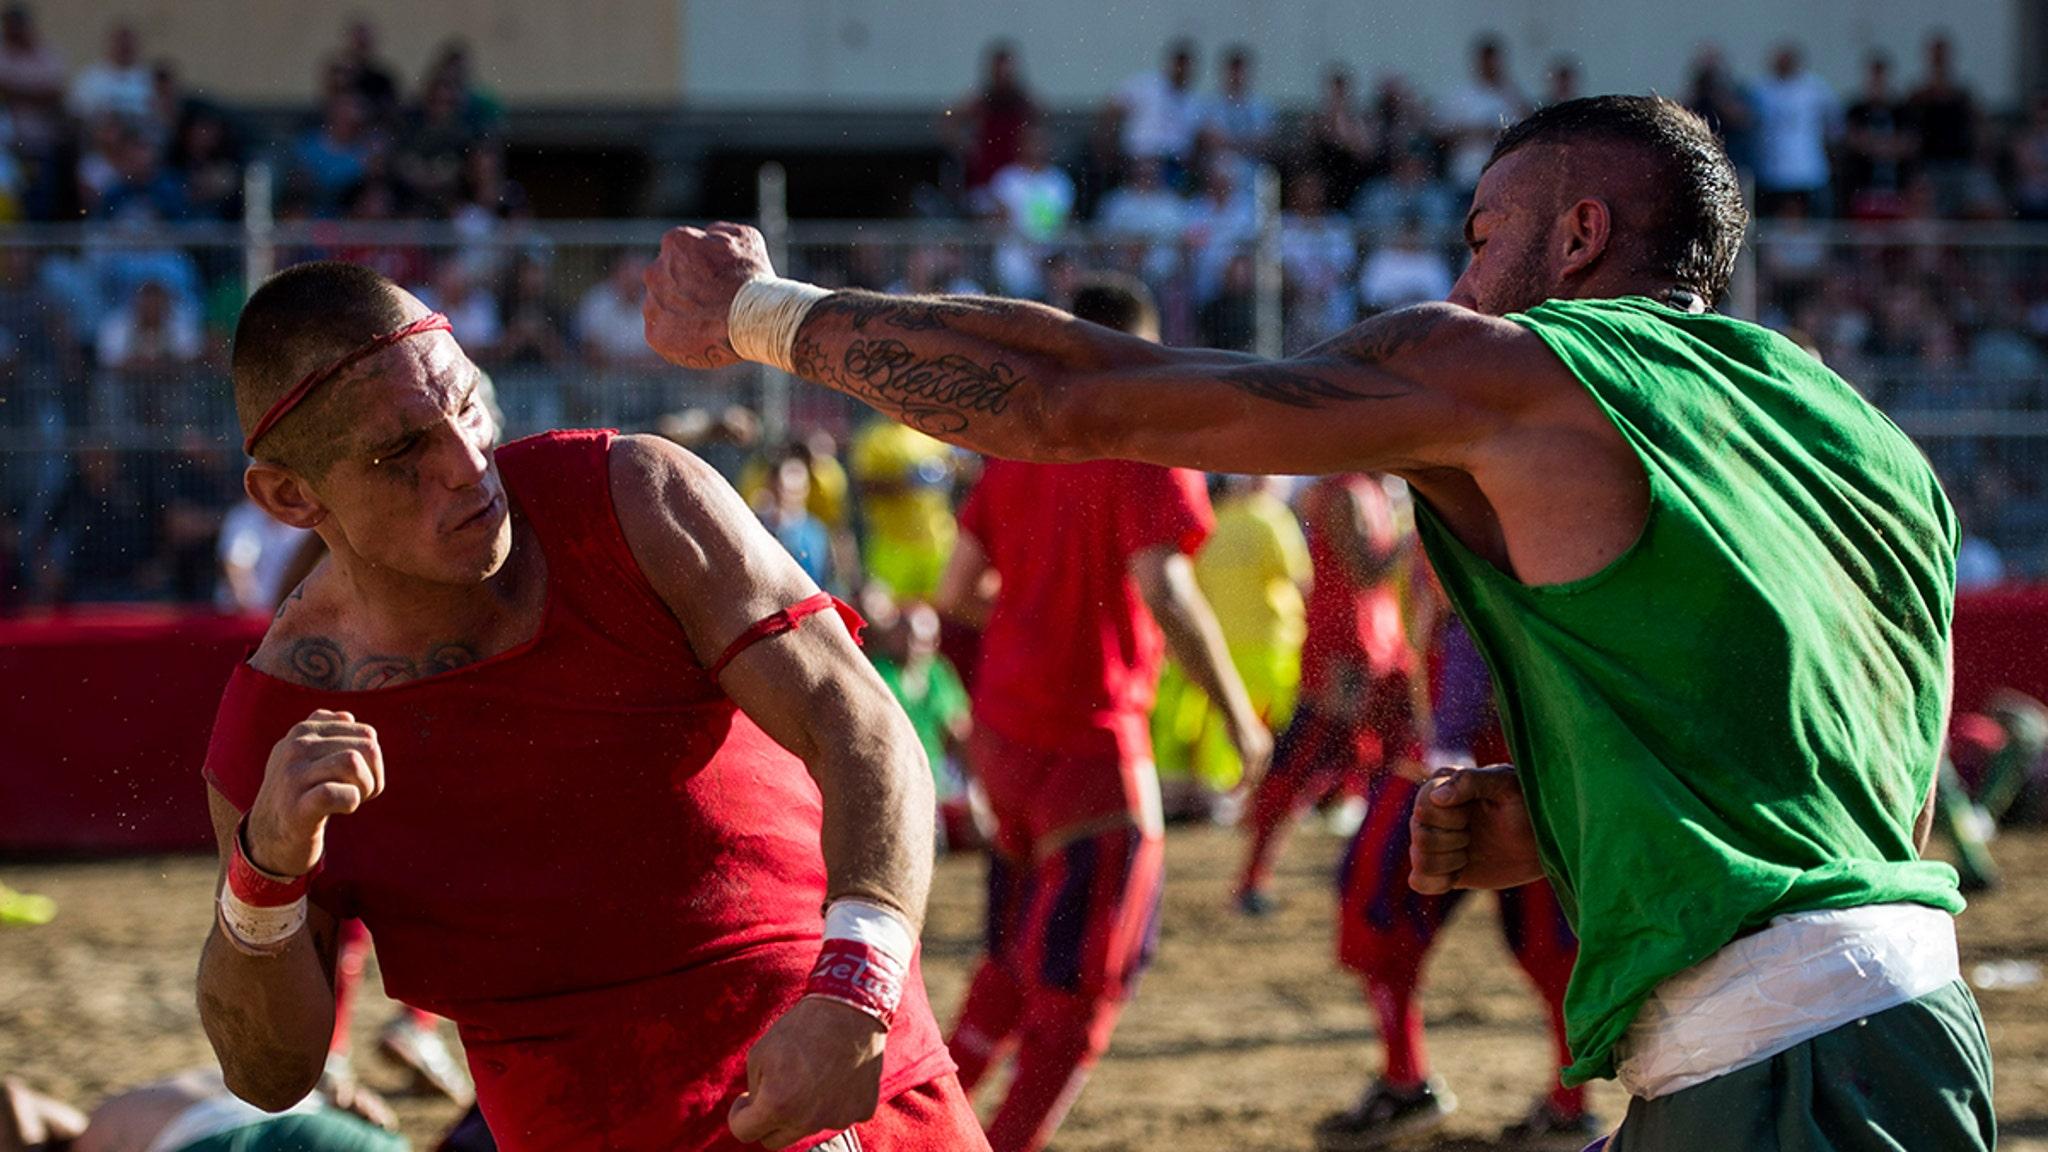 Calcio Storico Violent Championship Tourney Postponed Over COVID